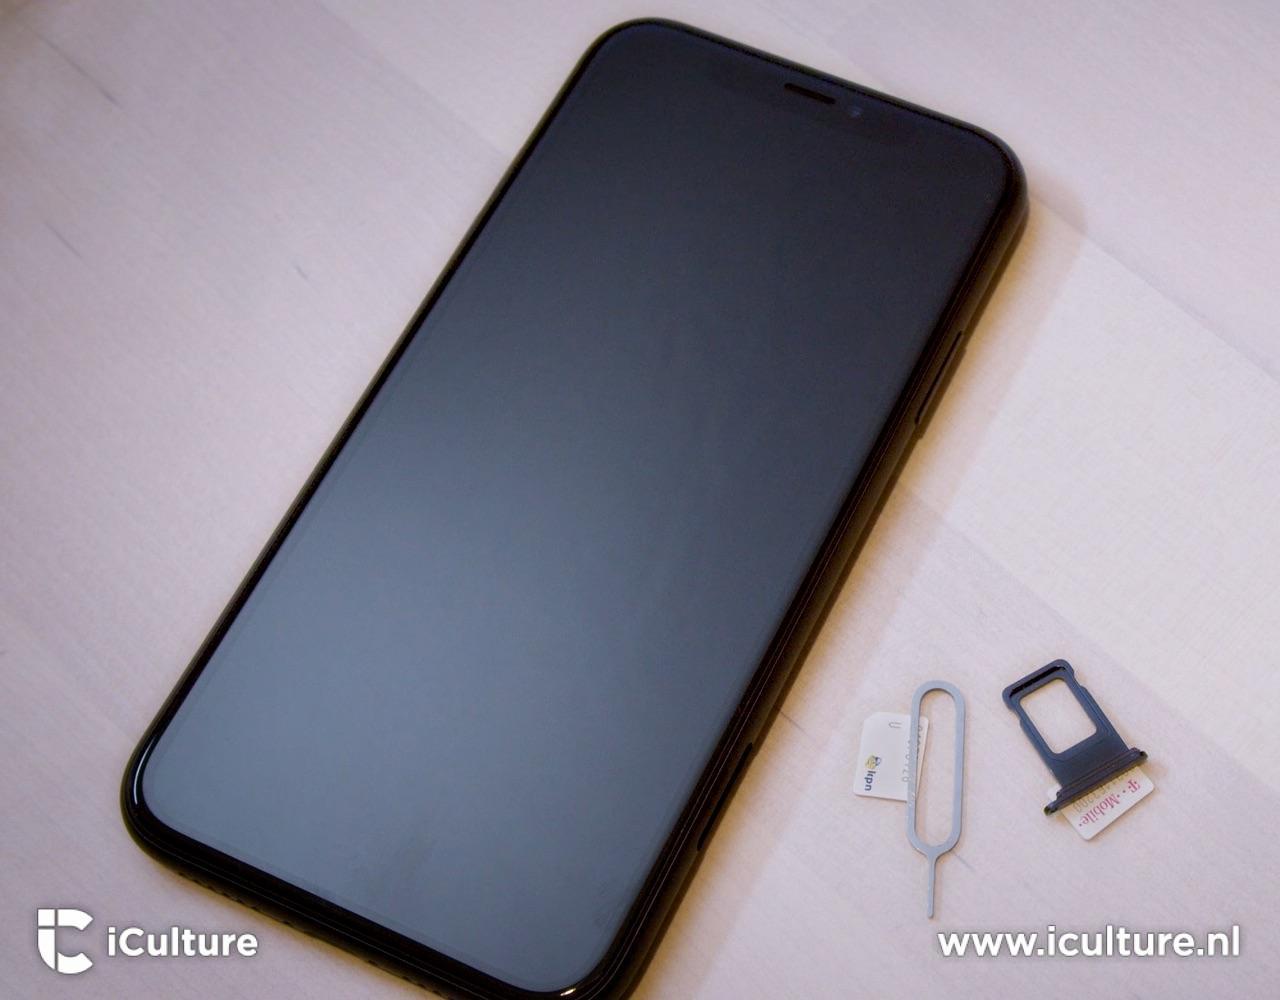 Fysieke dualsim iPhone met simkaarten.